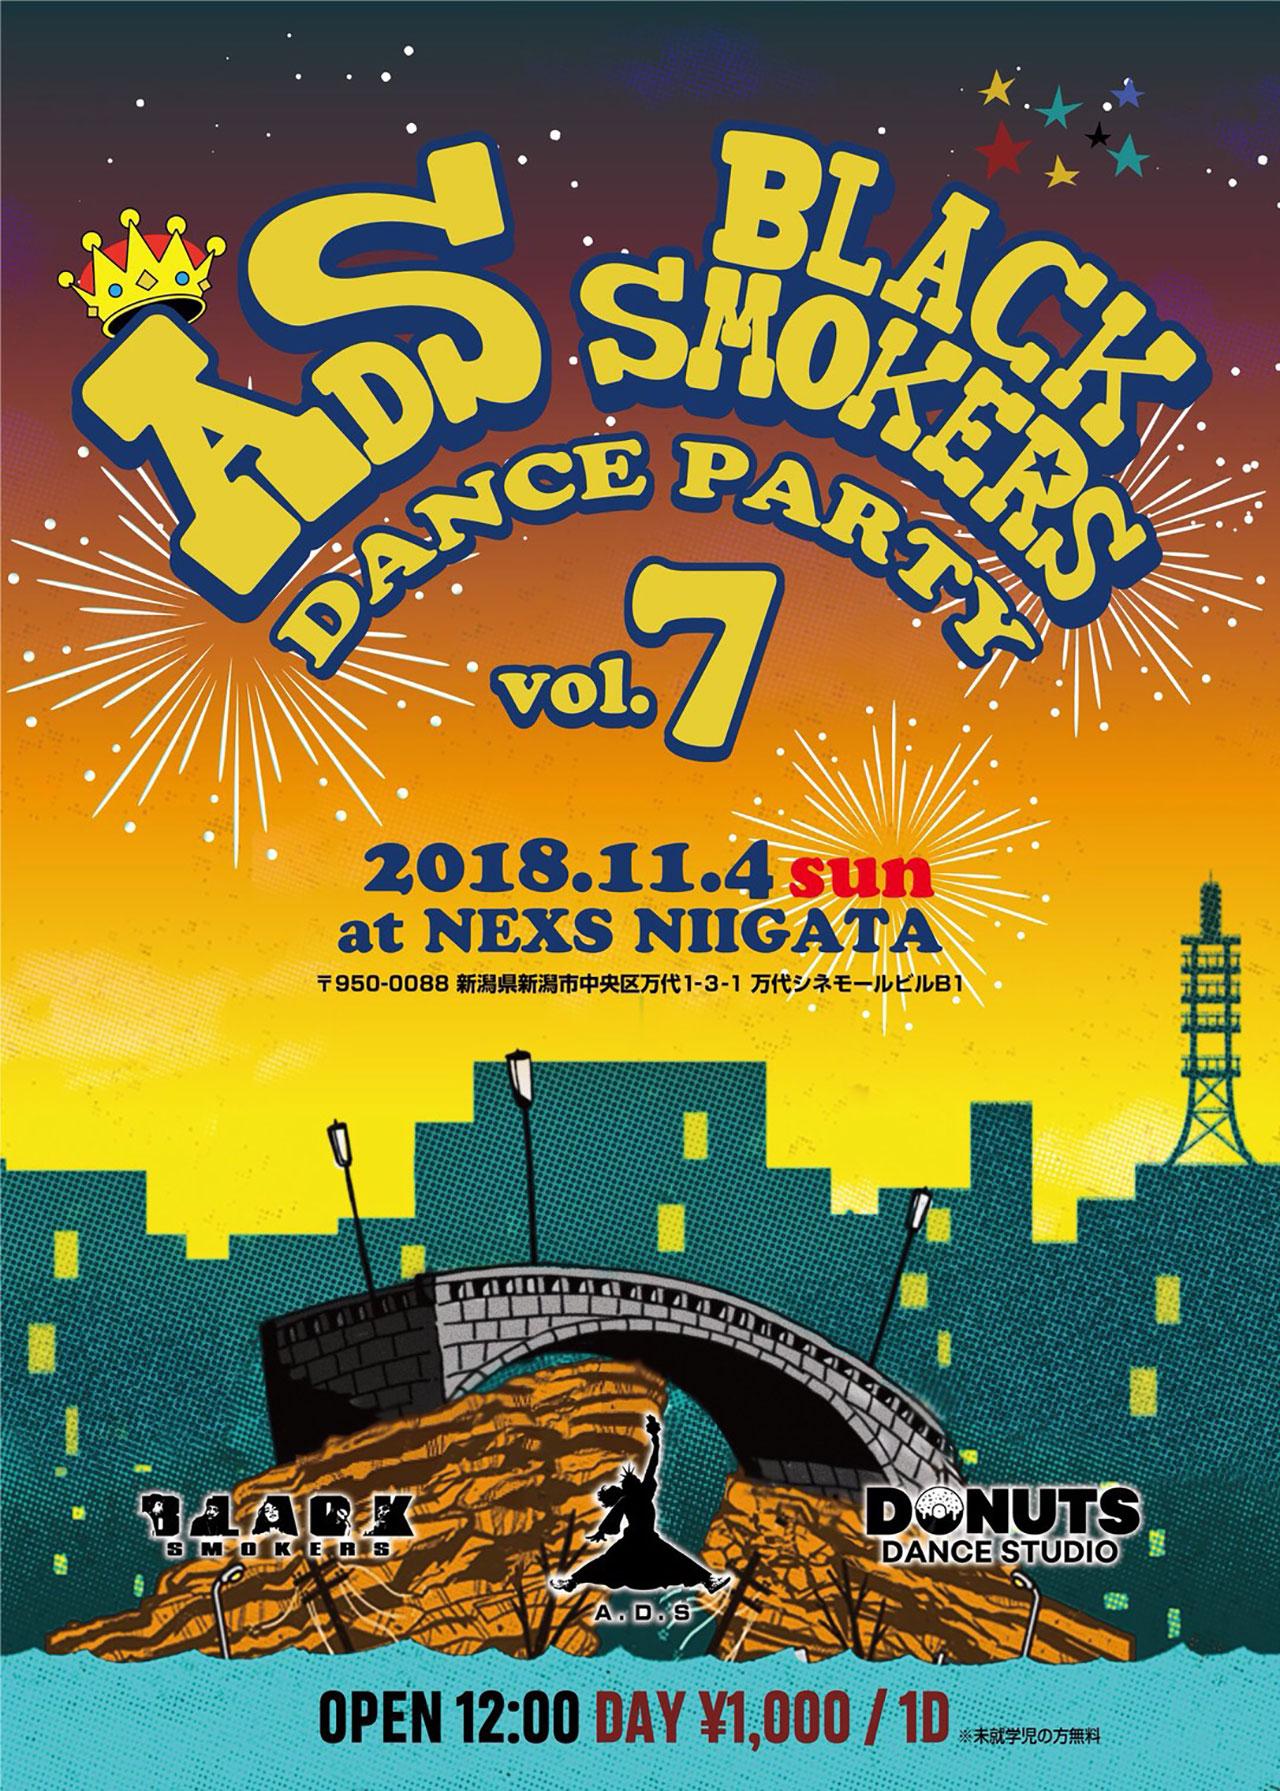 ダンススクール発表会 a d s black smokers dance party vol 7 を